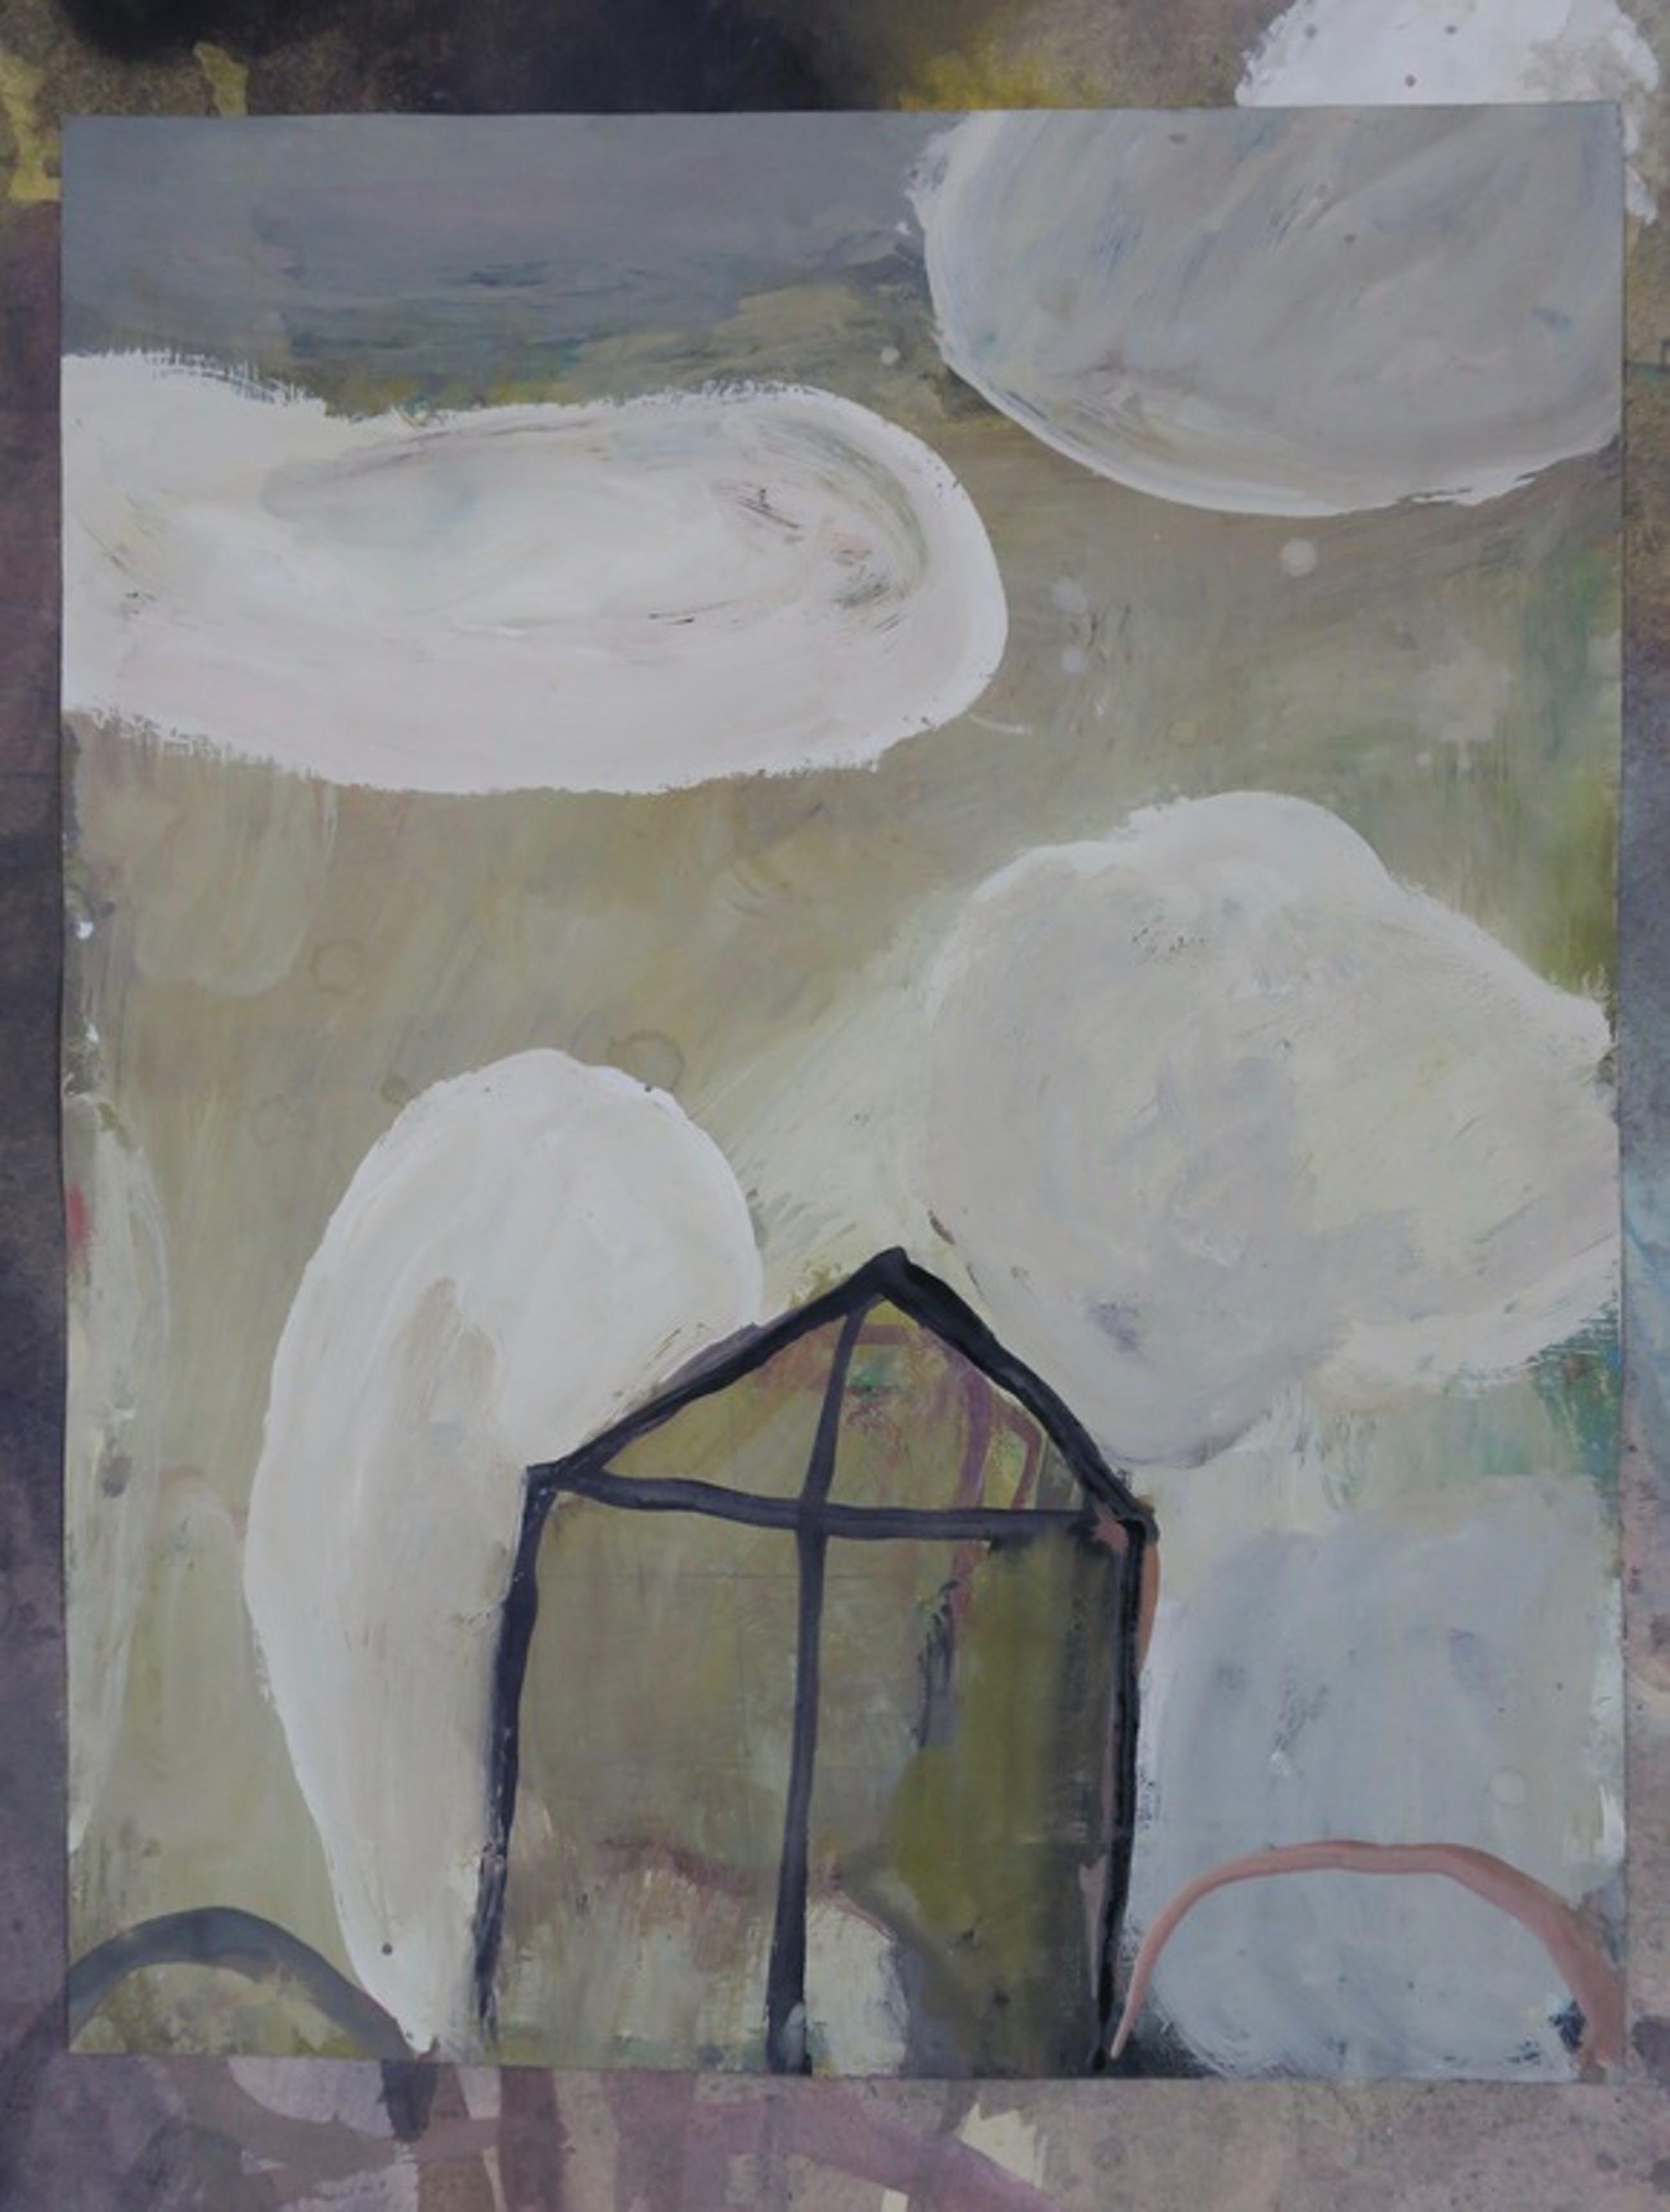 Jos van Gessel: Acryl op papier, Huis in de wolken  kopen? Bied vanaf 1!